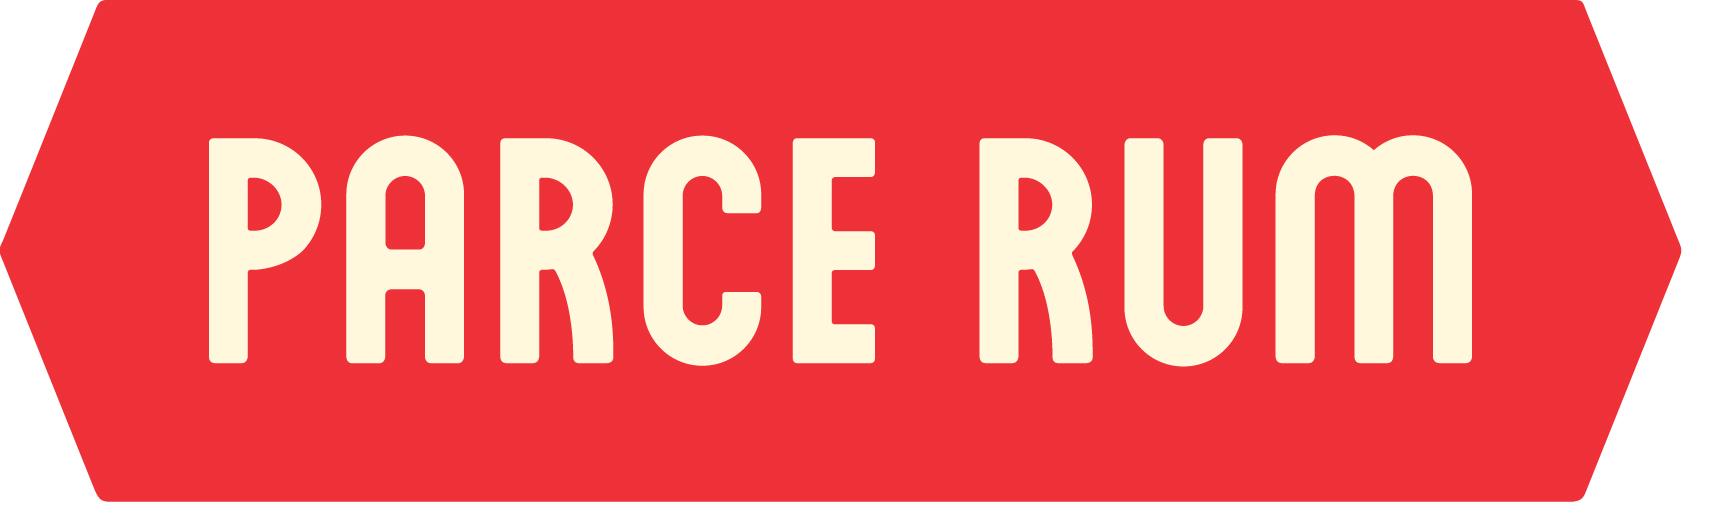 PARCE_logo (4).jpg